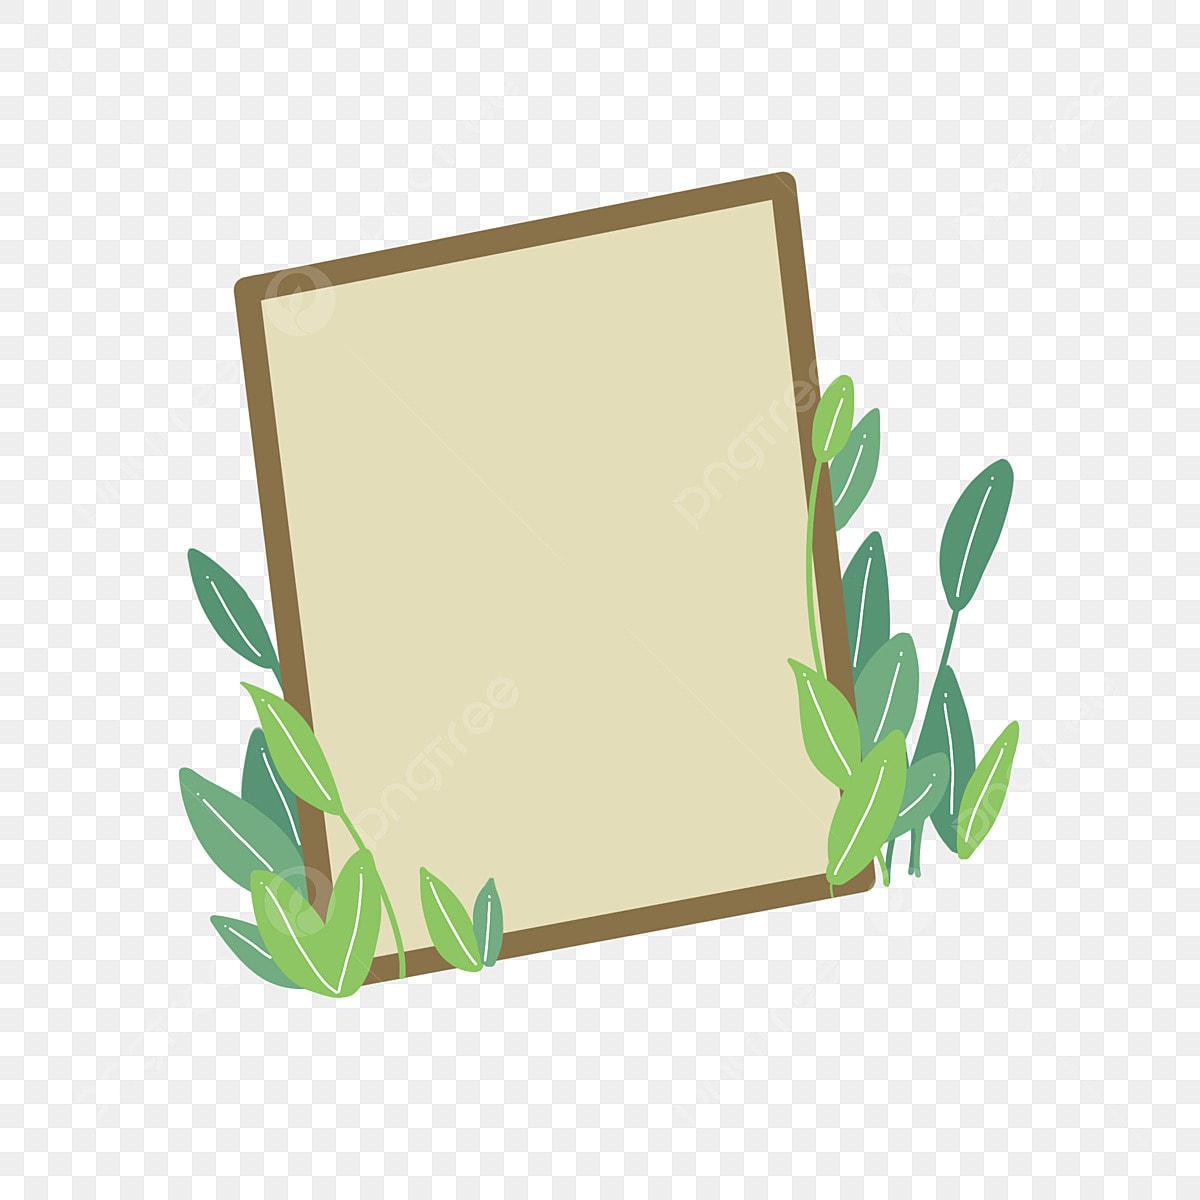 gambar bingkai bingkai foto mudah hiasan daun tumbuhan hijau sempadan bingkai foto kopi bingkai gambar kreatif cina ilustrasi bingkai bingkai foto mudah png dan psd untuk muat turun percuma https ms pngtree com freepng chinese photo frame border illustration 4509548 html